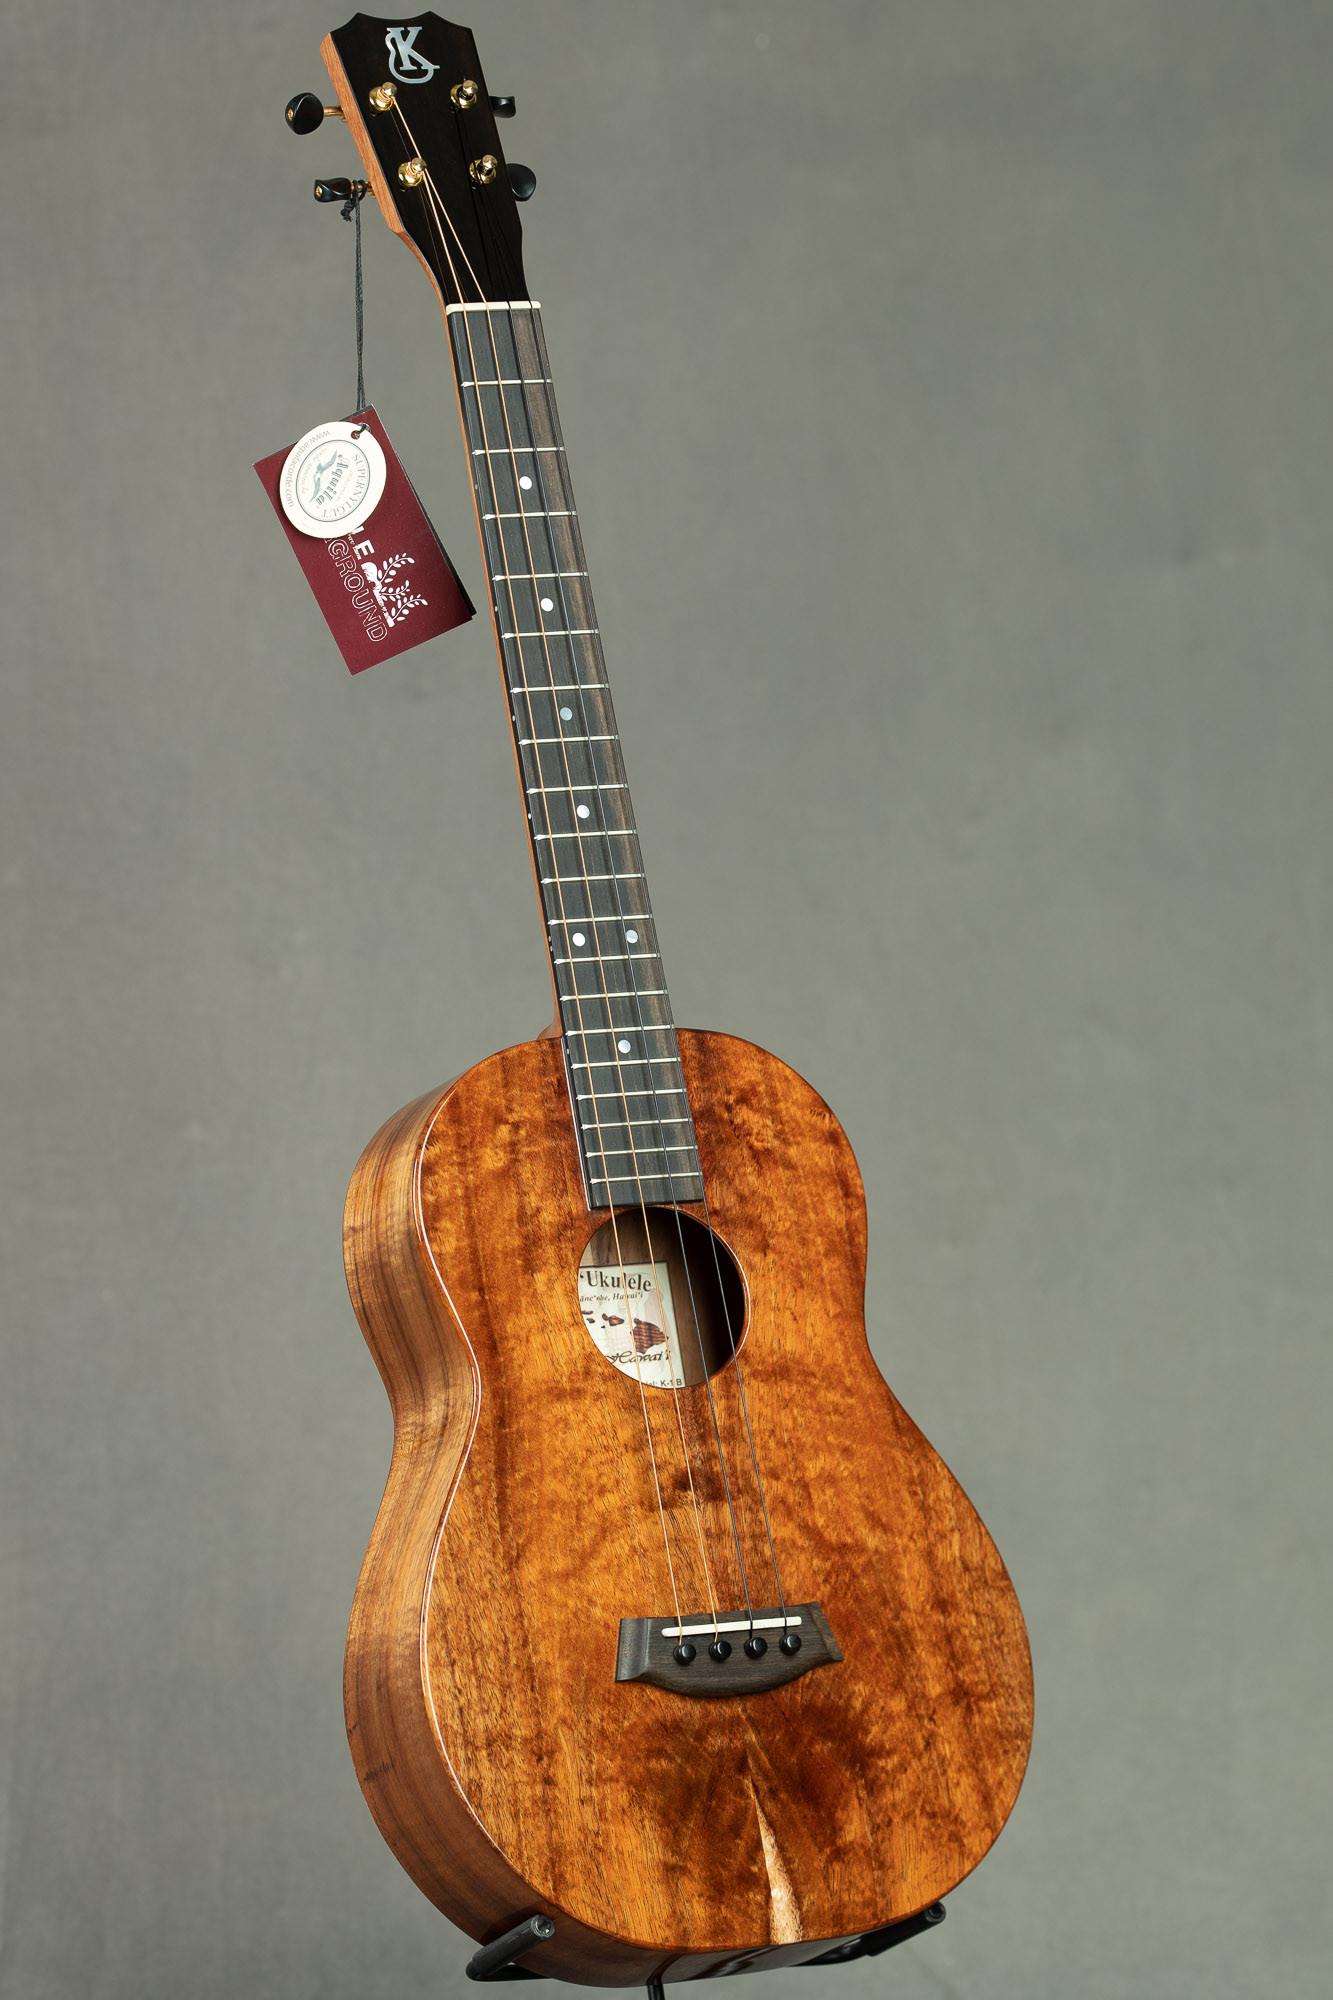 Kanile'a Koa Gloss Baritone (K-1 B Tru-R G #23883)